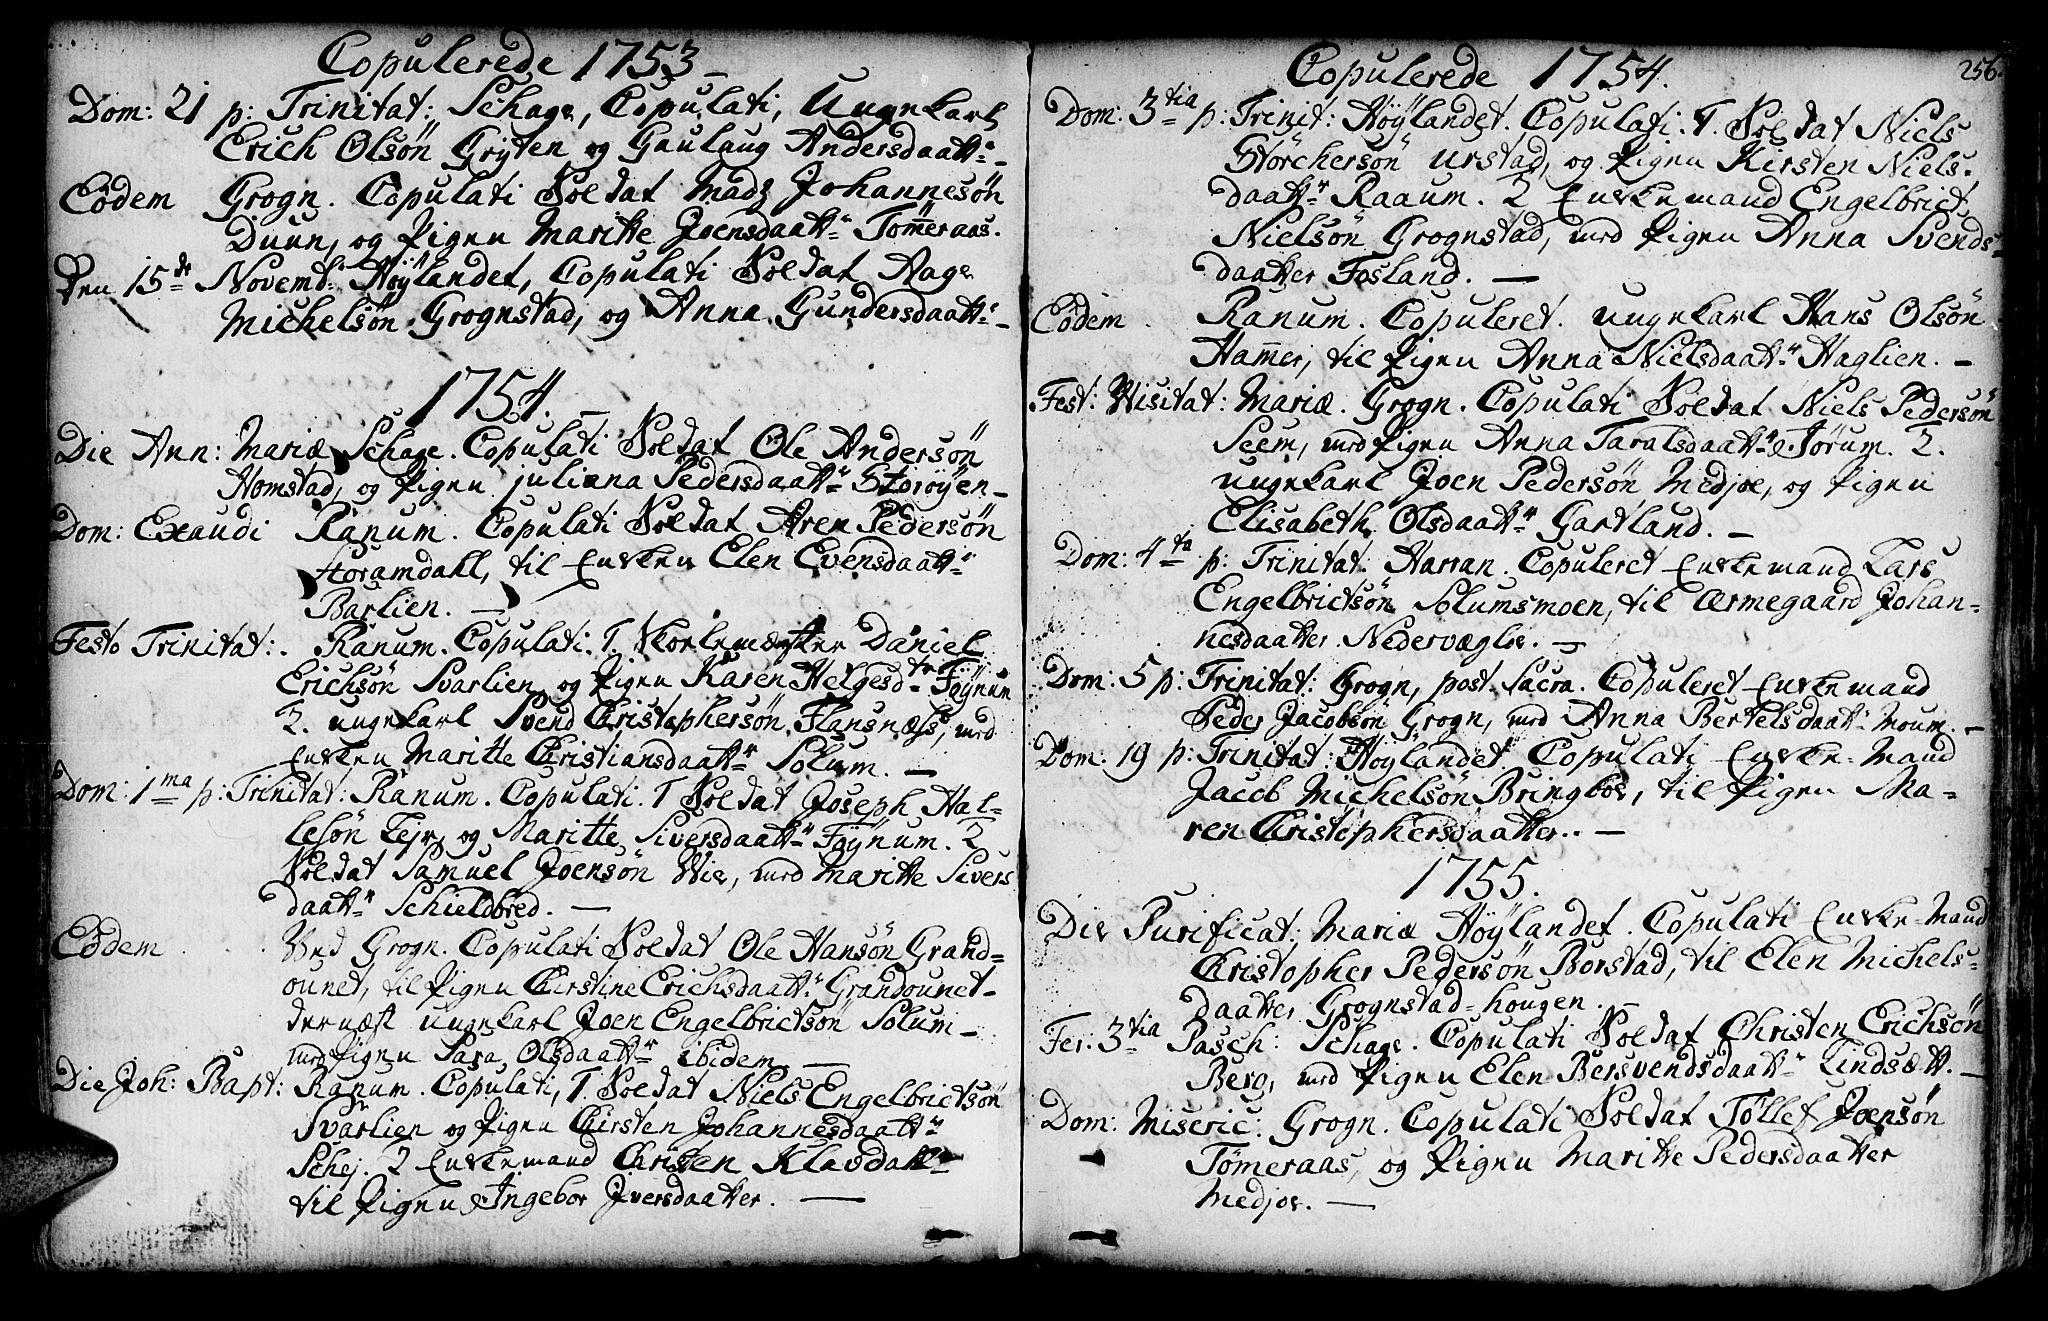 SAT, Ministerialprotokoller, klokkerbøker og fødselsregistre - Nord-Trøndelag, 764/L0542: Ministerialbok nr. 764A02, 1748-1779, s. 256